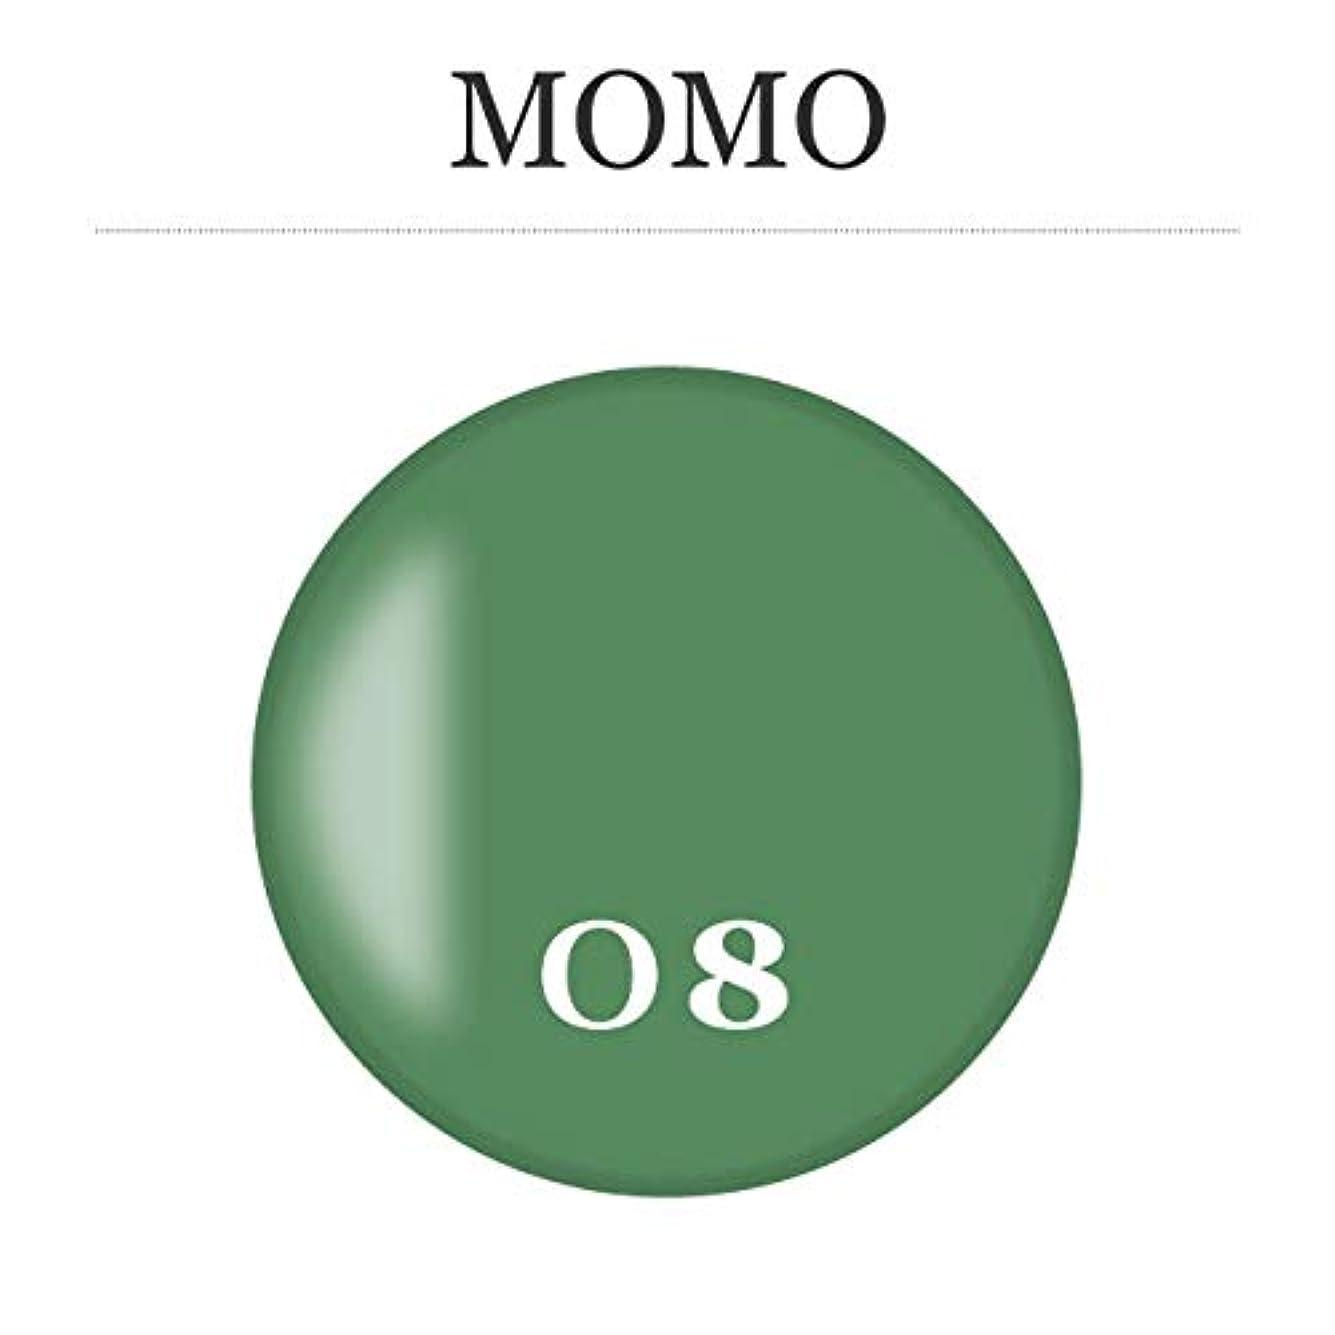 解く資本主義寄稿者カラージェル MOMO-08 by nail for all